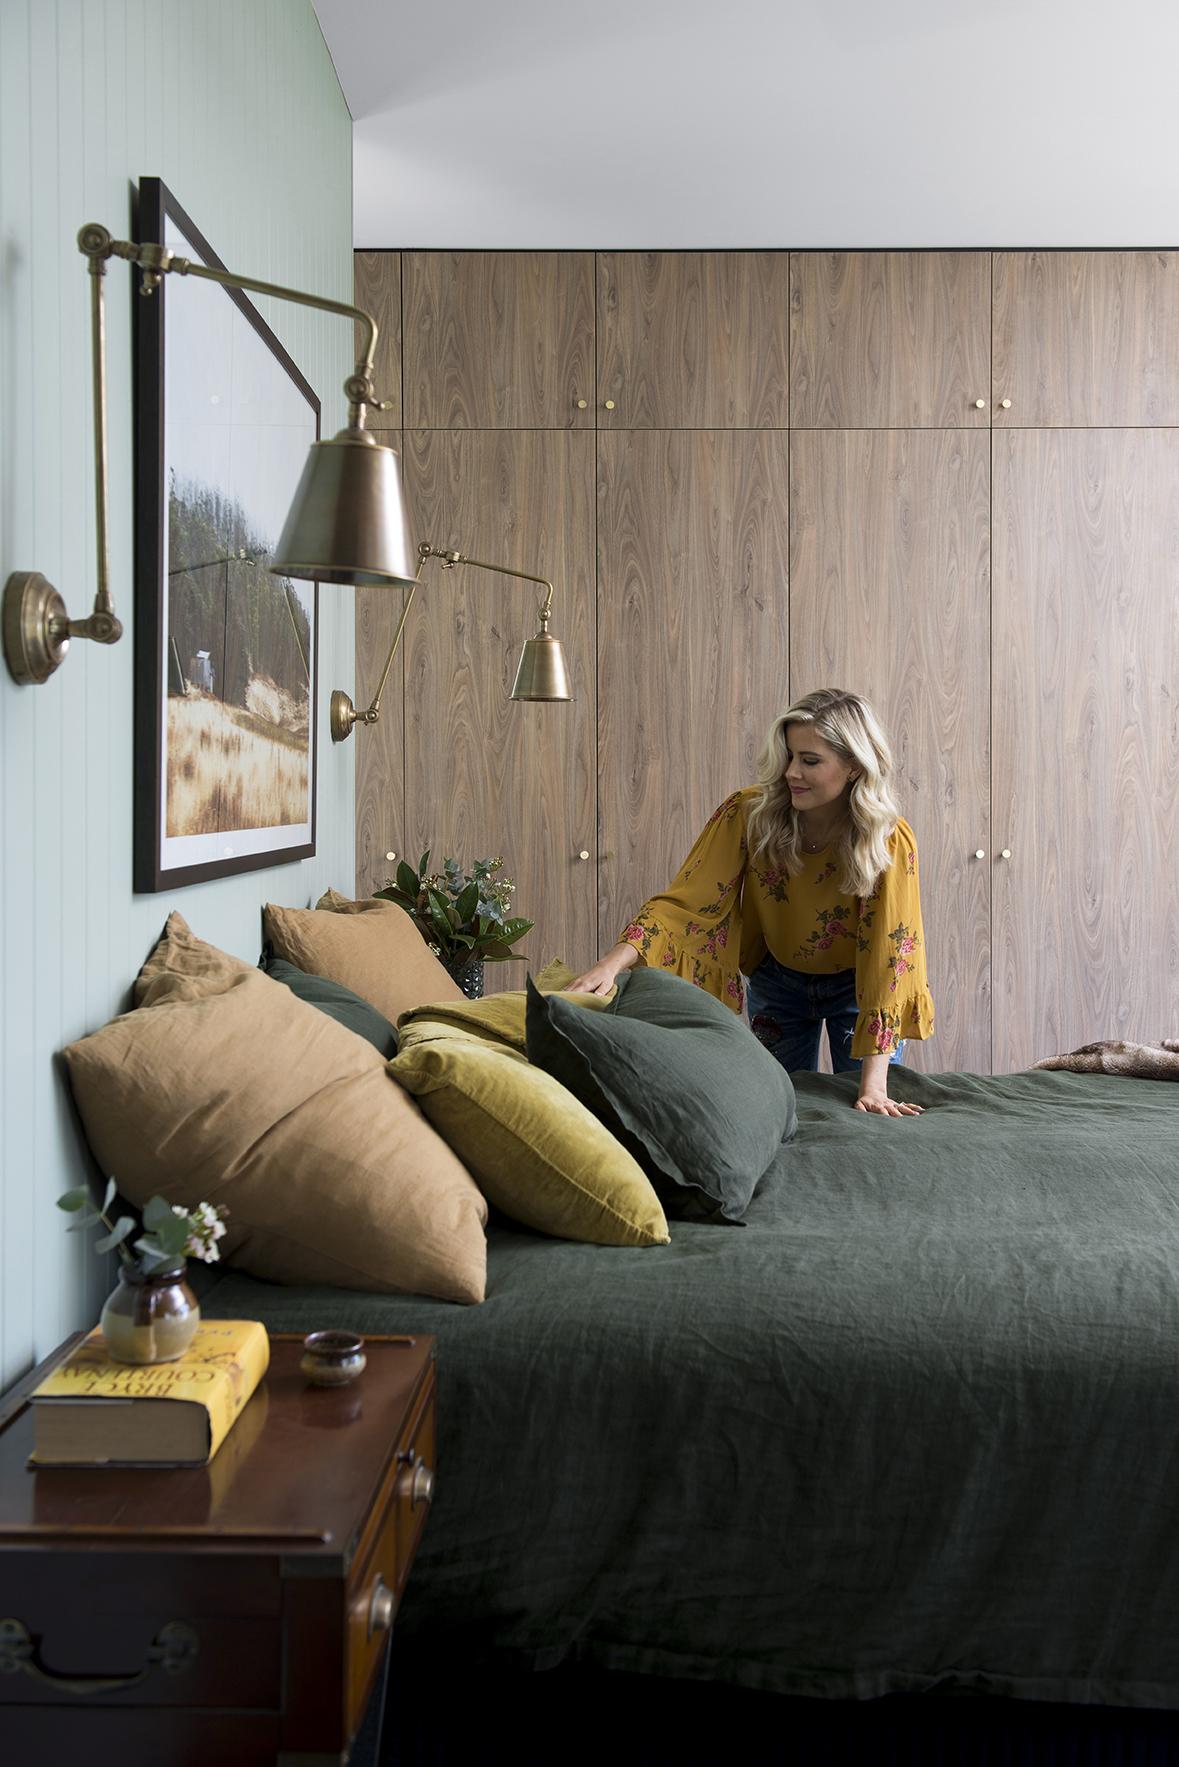 Binnenkijken in de slaapkamer van Micheal en Carlene